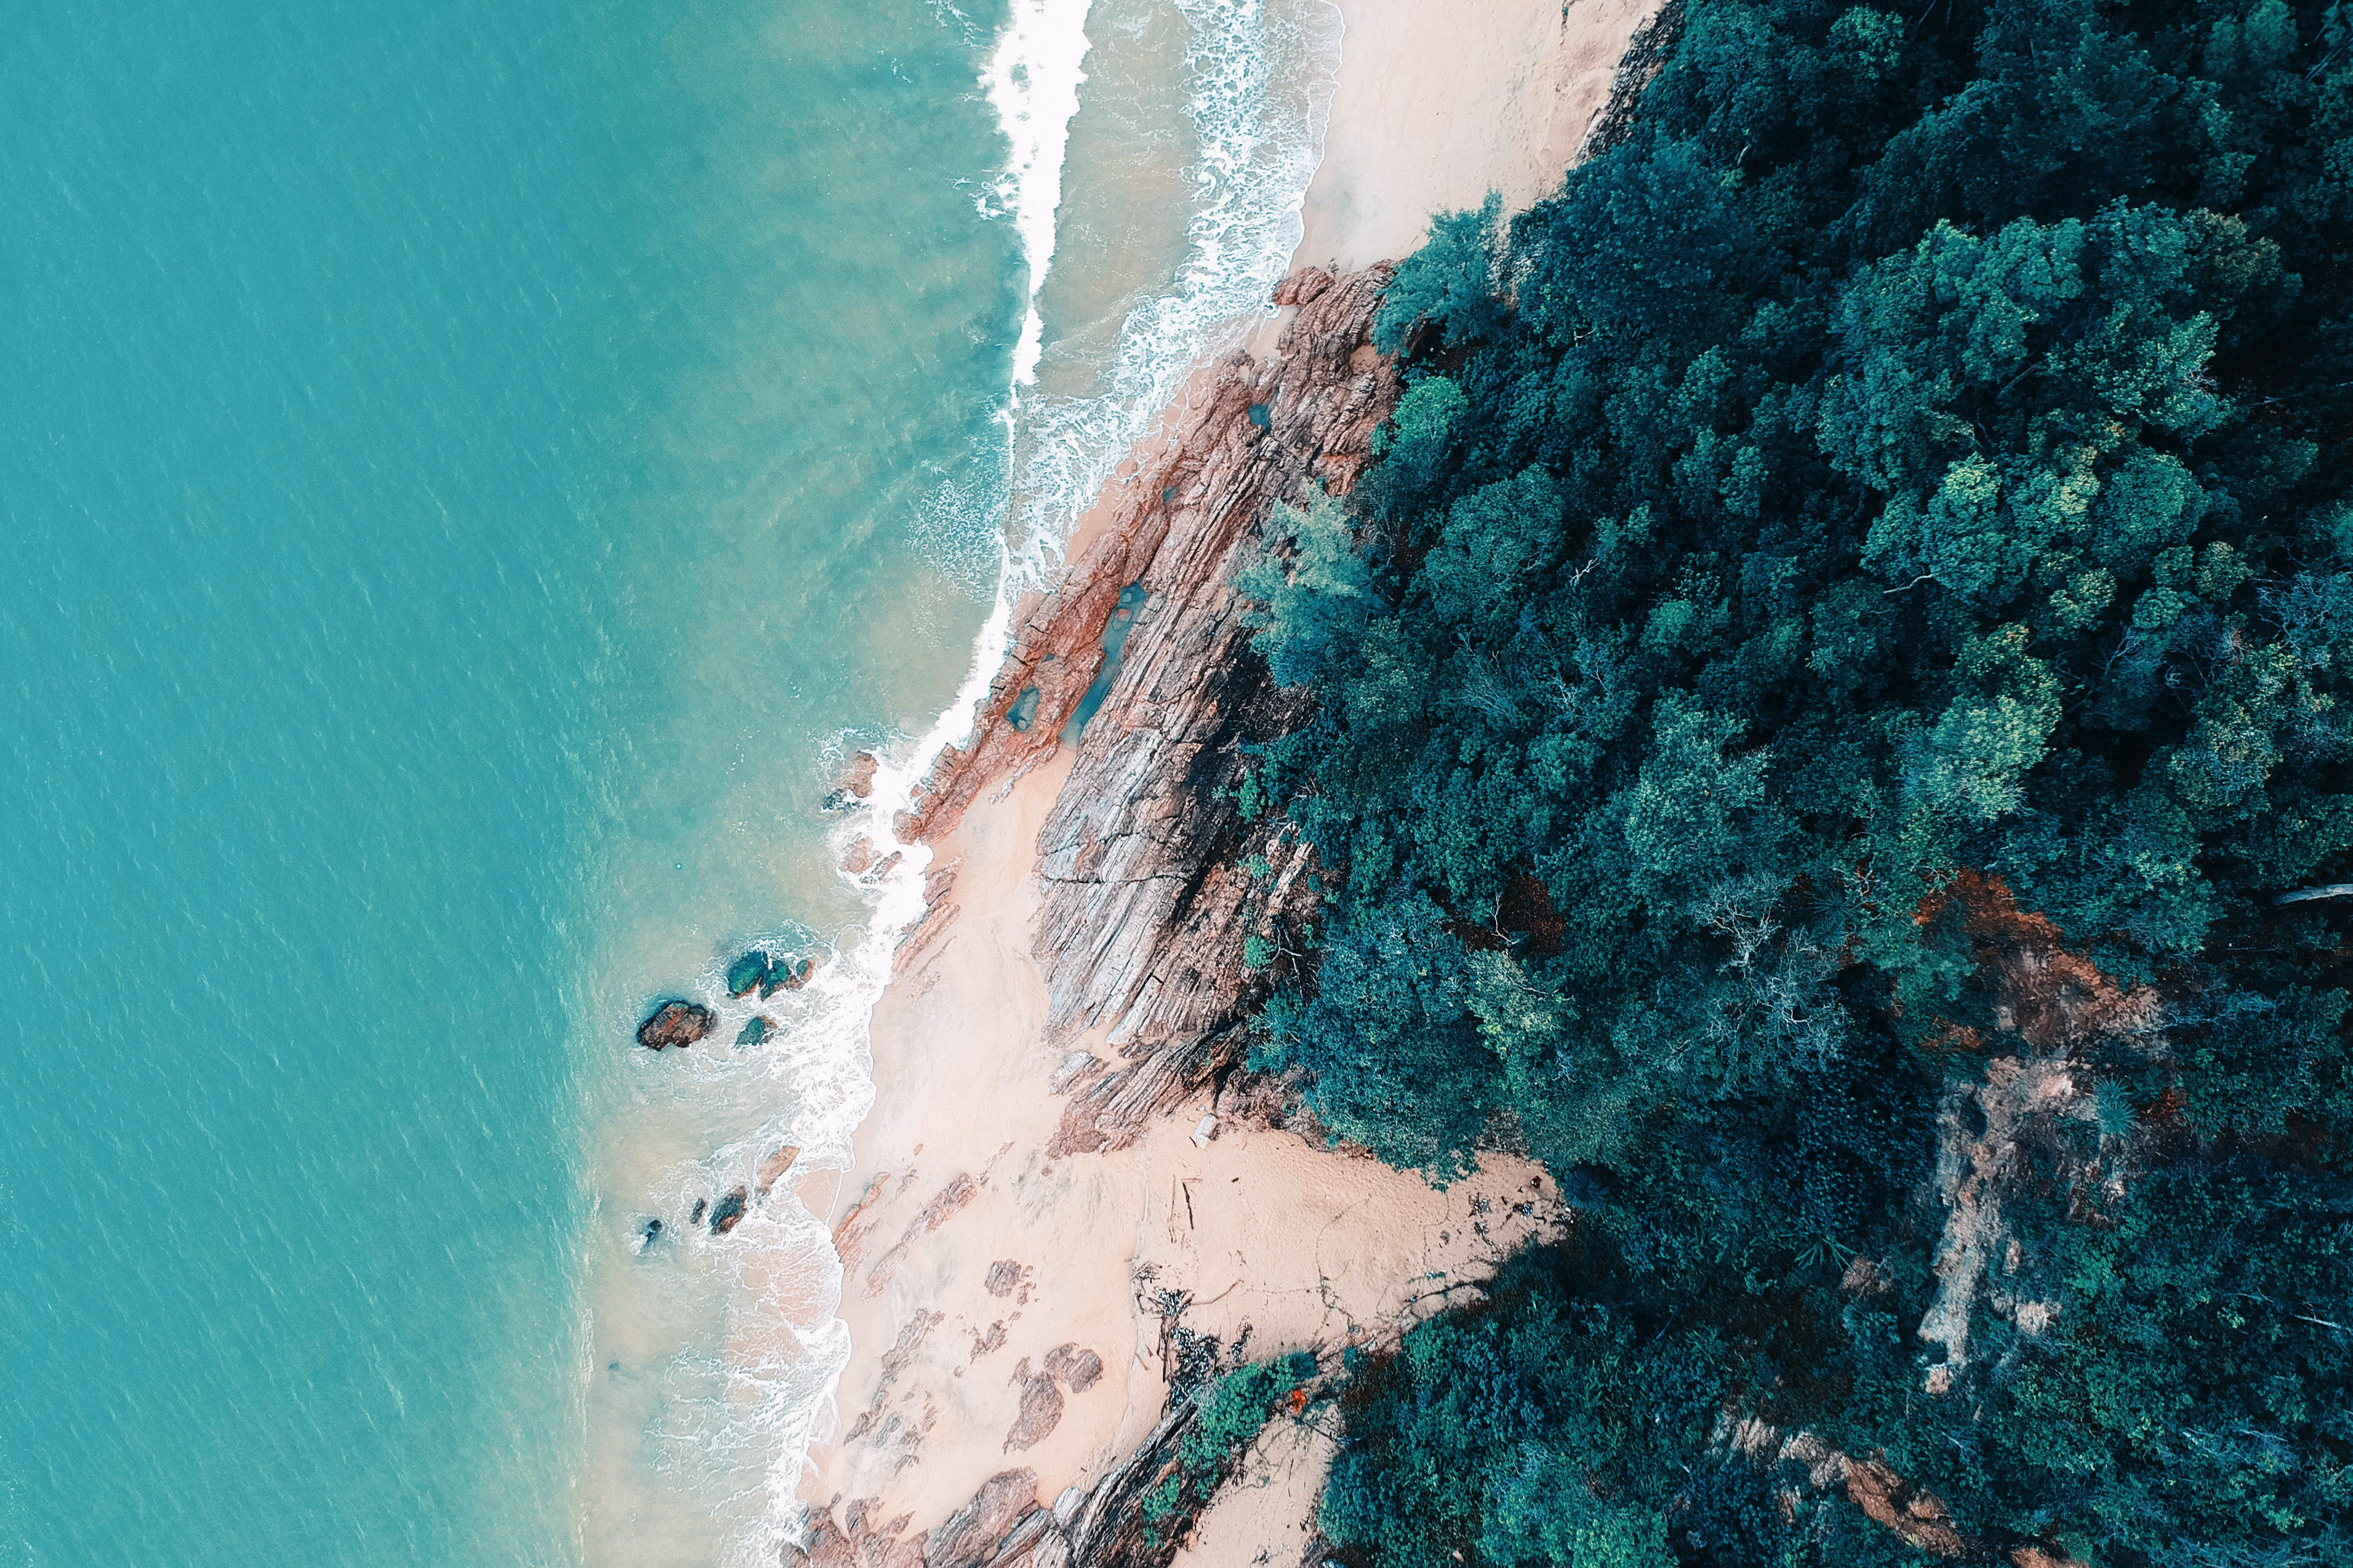 ağaçlar, çevre, dalga, deniz içeren Ücretsiz stok fotoğraf